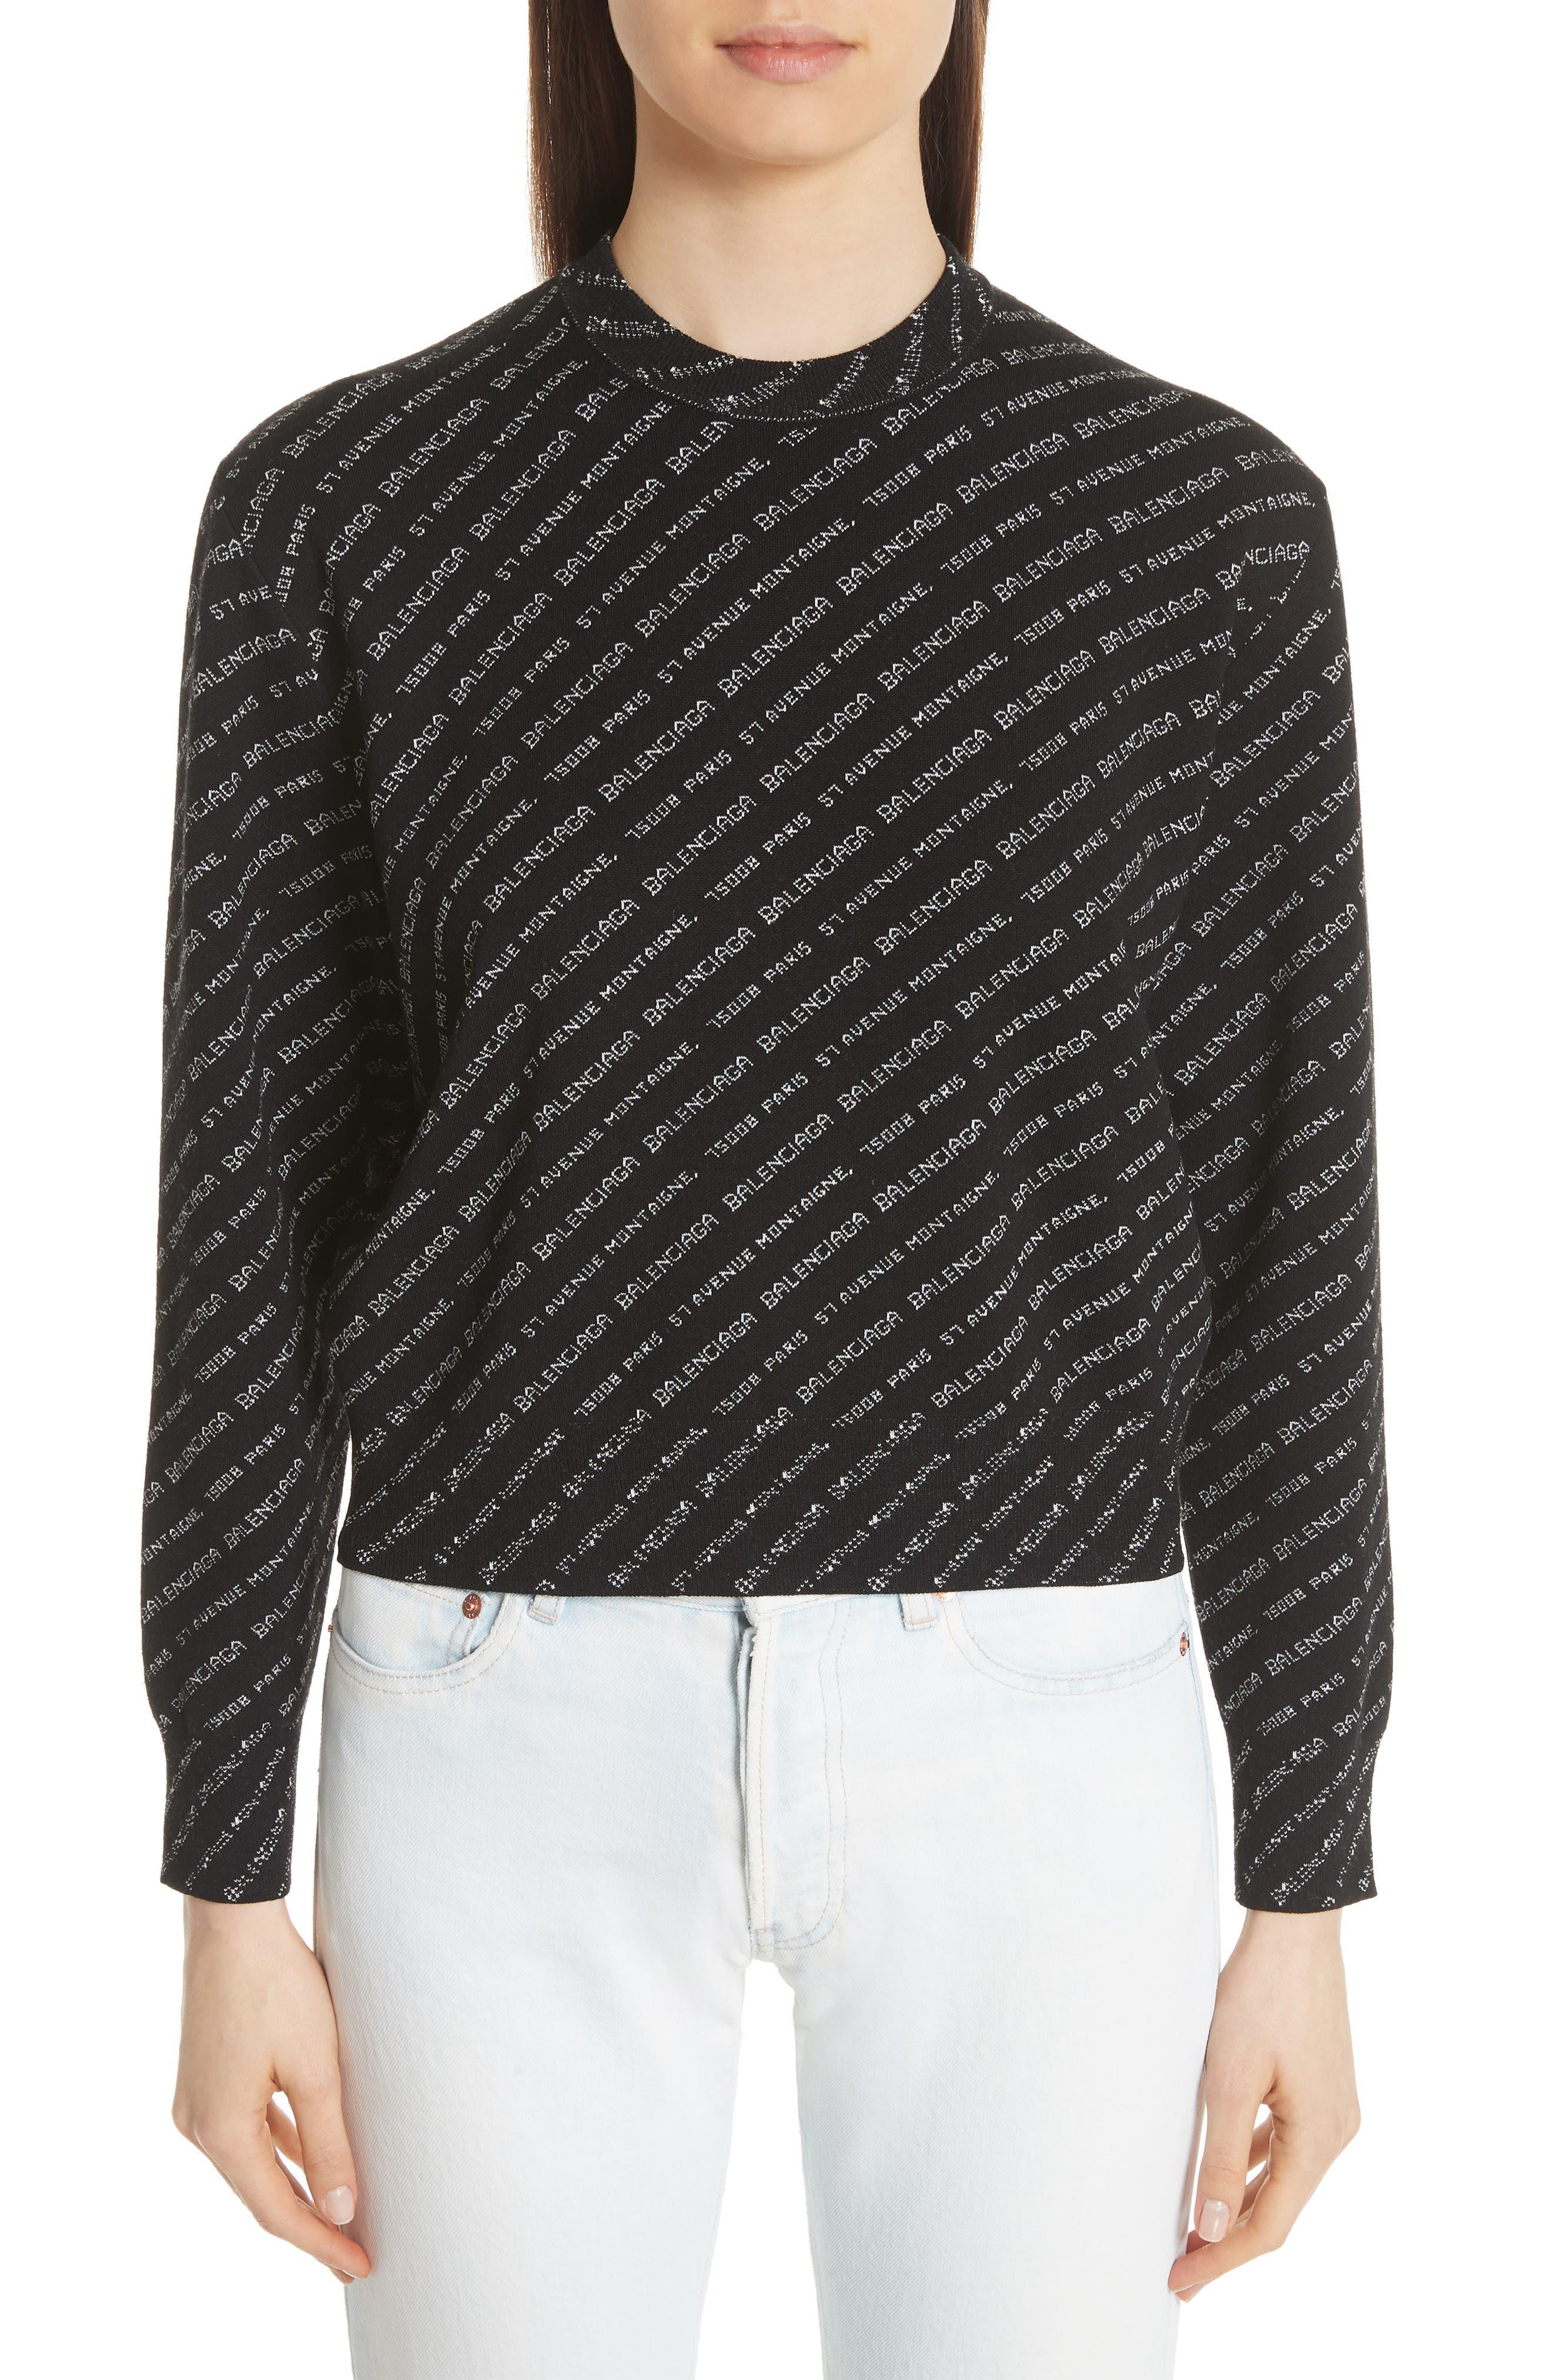 BALENCIAGA,                             Logo Knit Sweater,                             Main thumbnail 1, color,                             001